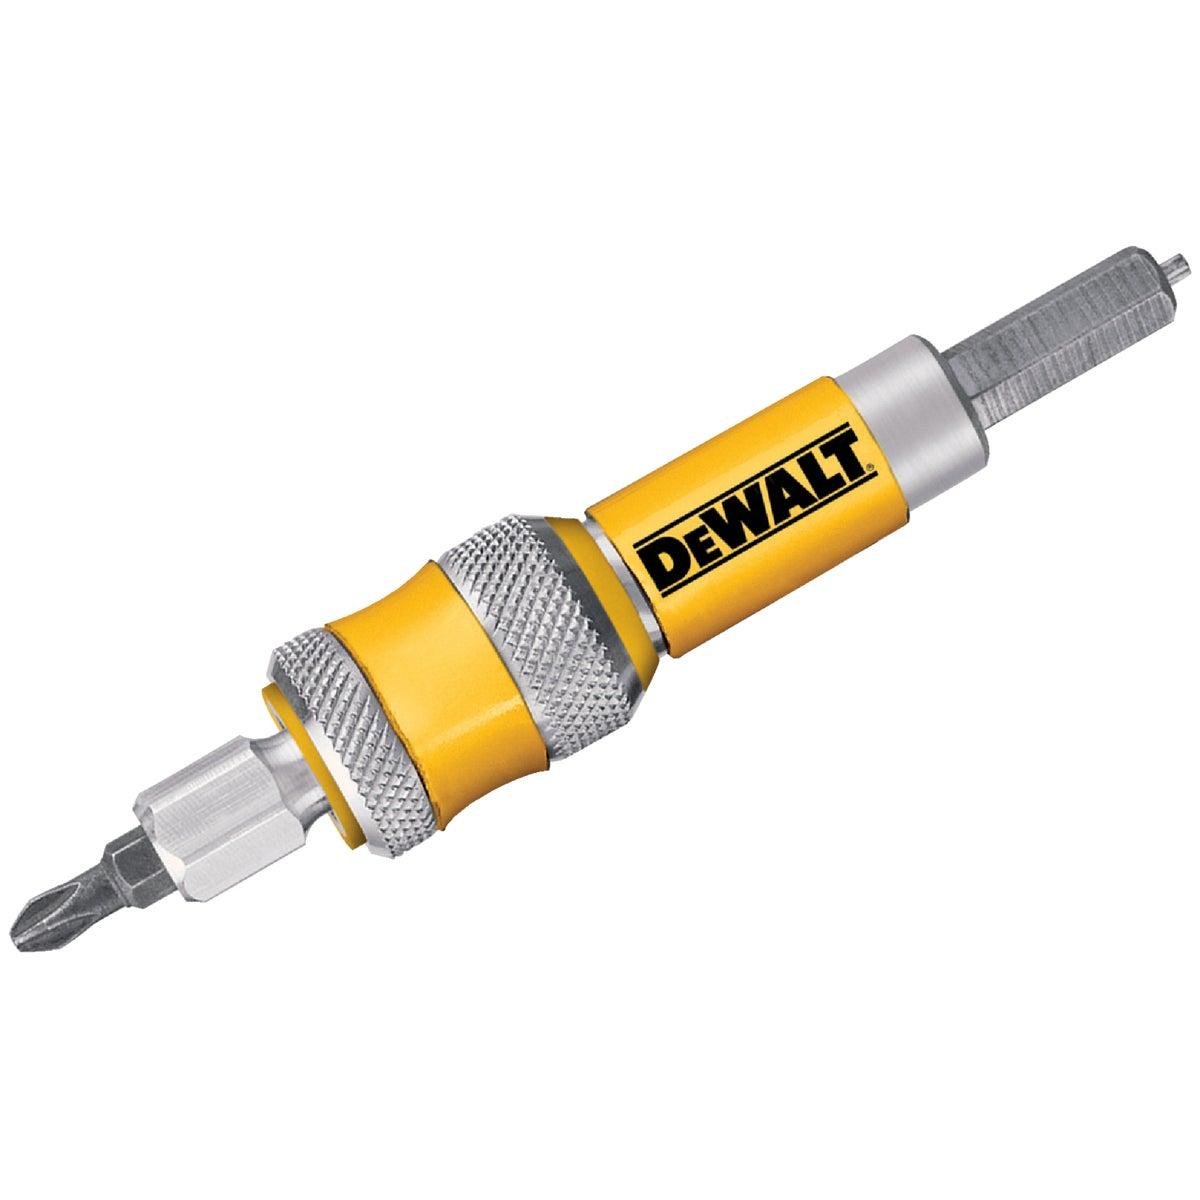 #6 DRILL/DRIVE BIT - DW2700 by DeWalt